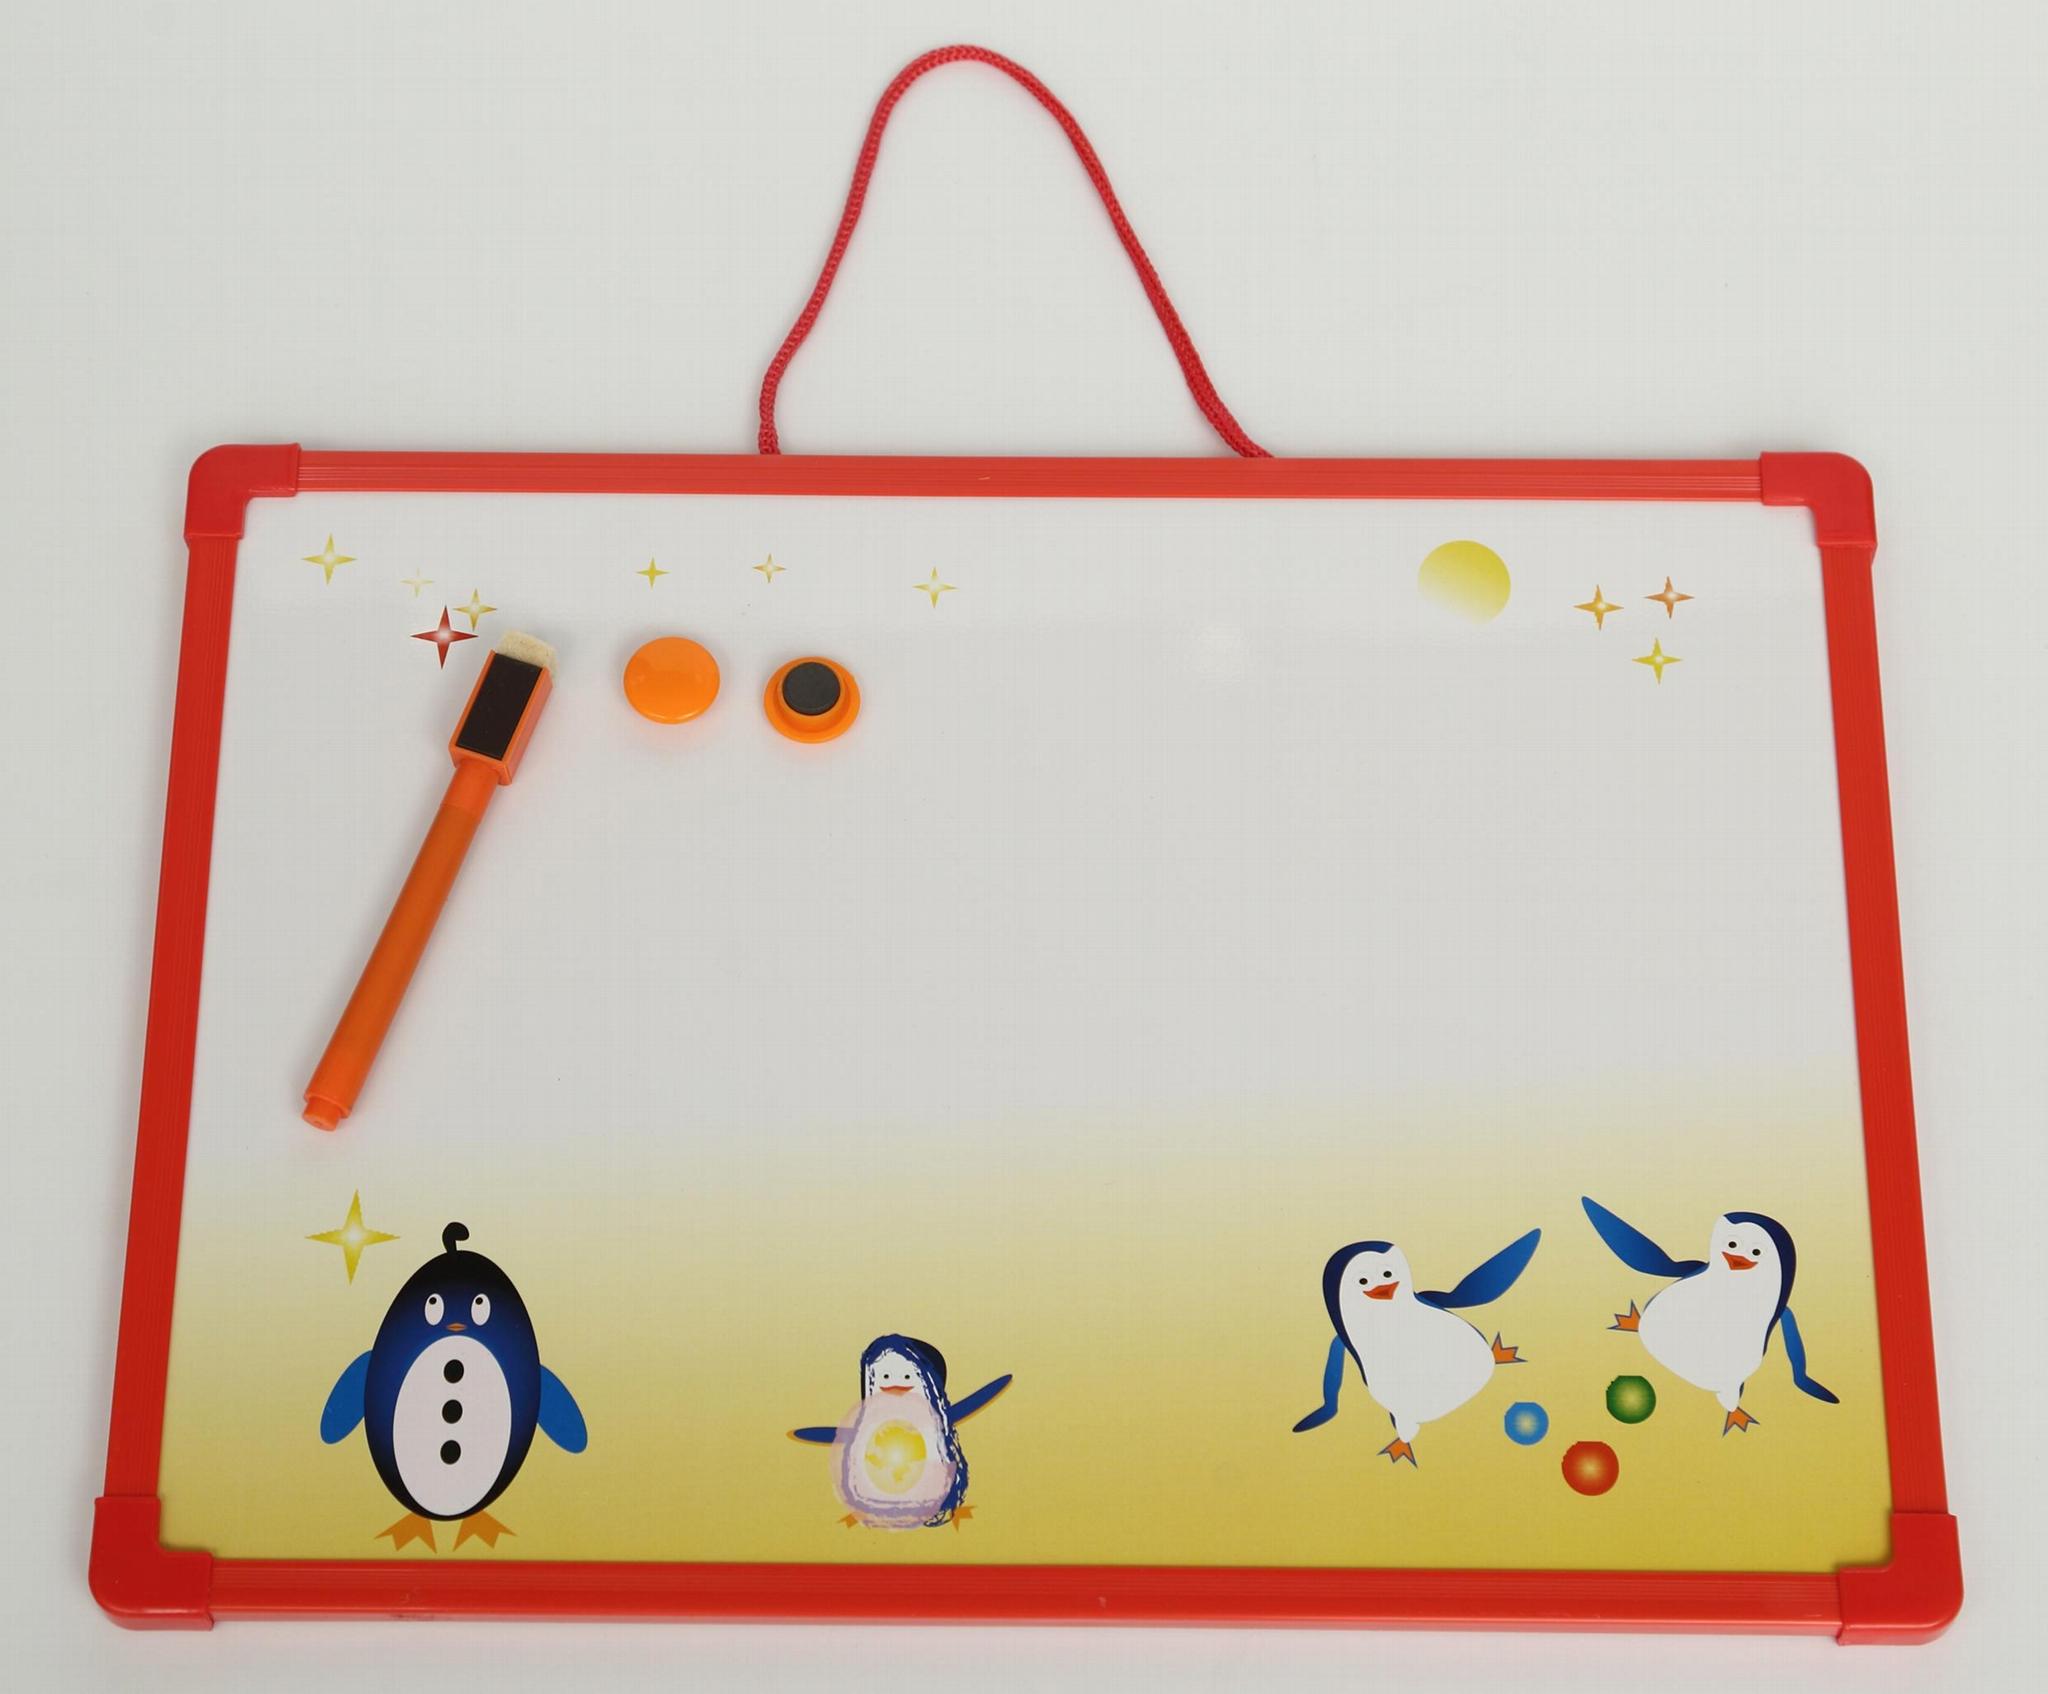 儿童用可愛小白板寫字板 1